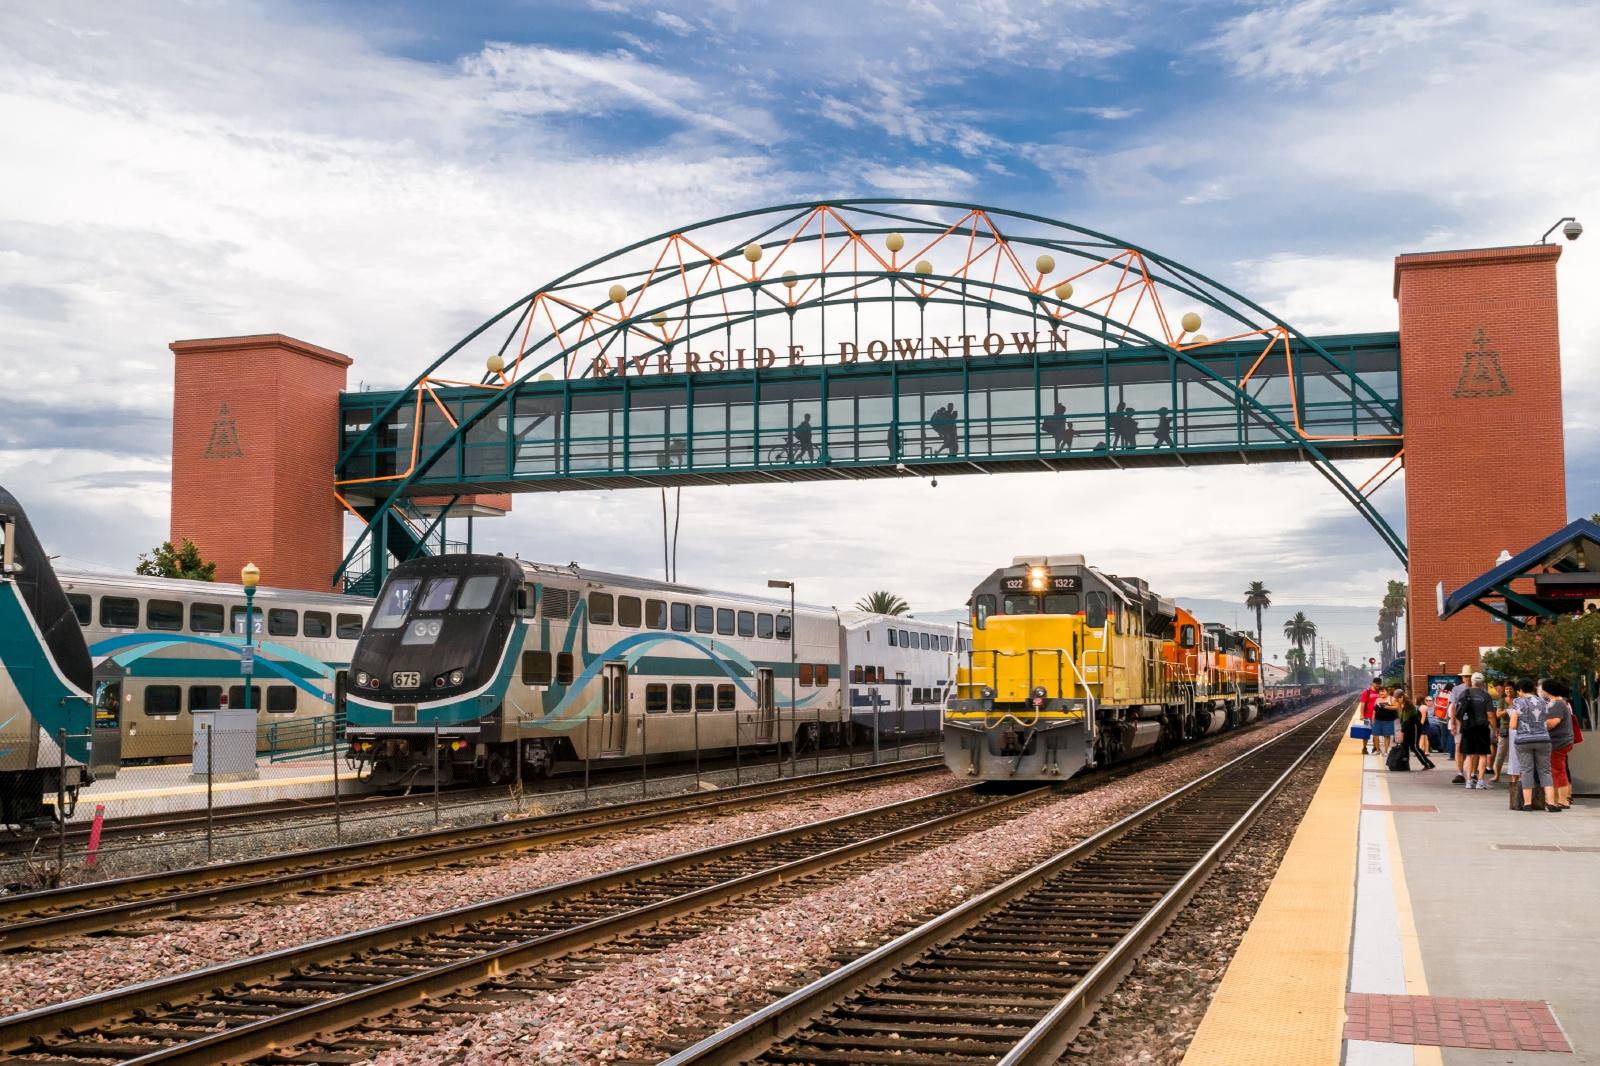 リバーサイド・ダウンタウン駅 アメリカの鉄道風景